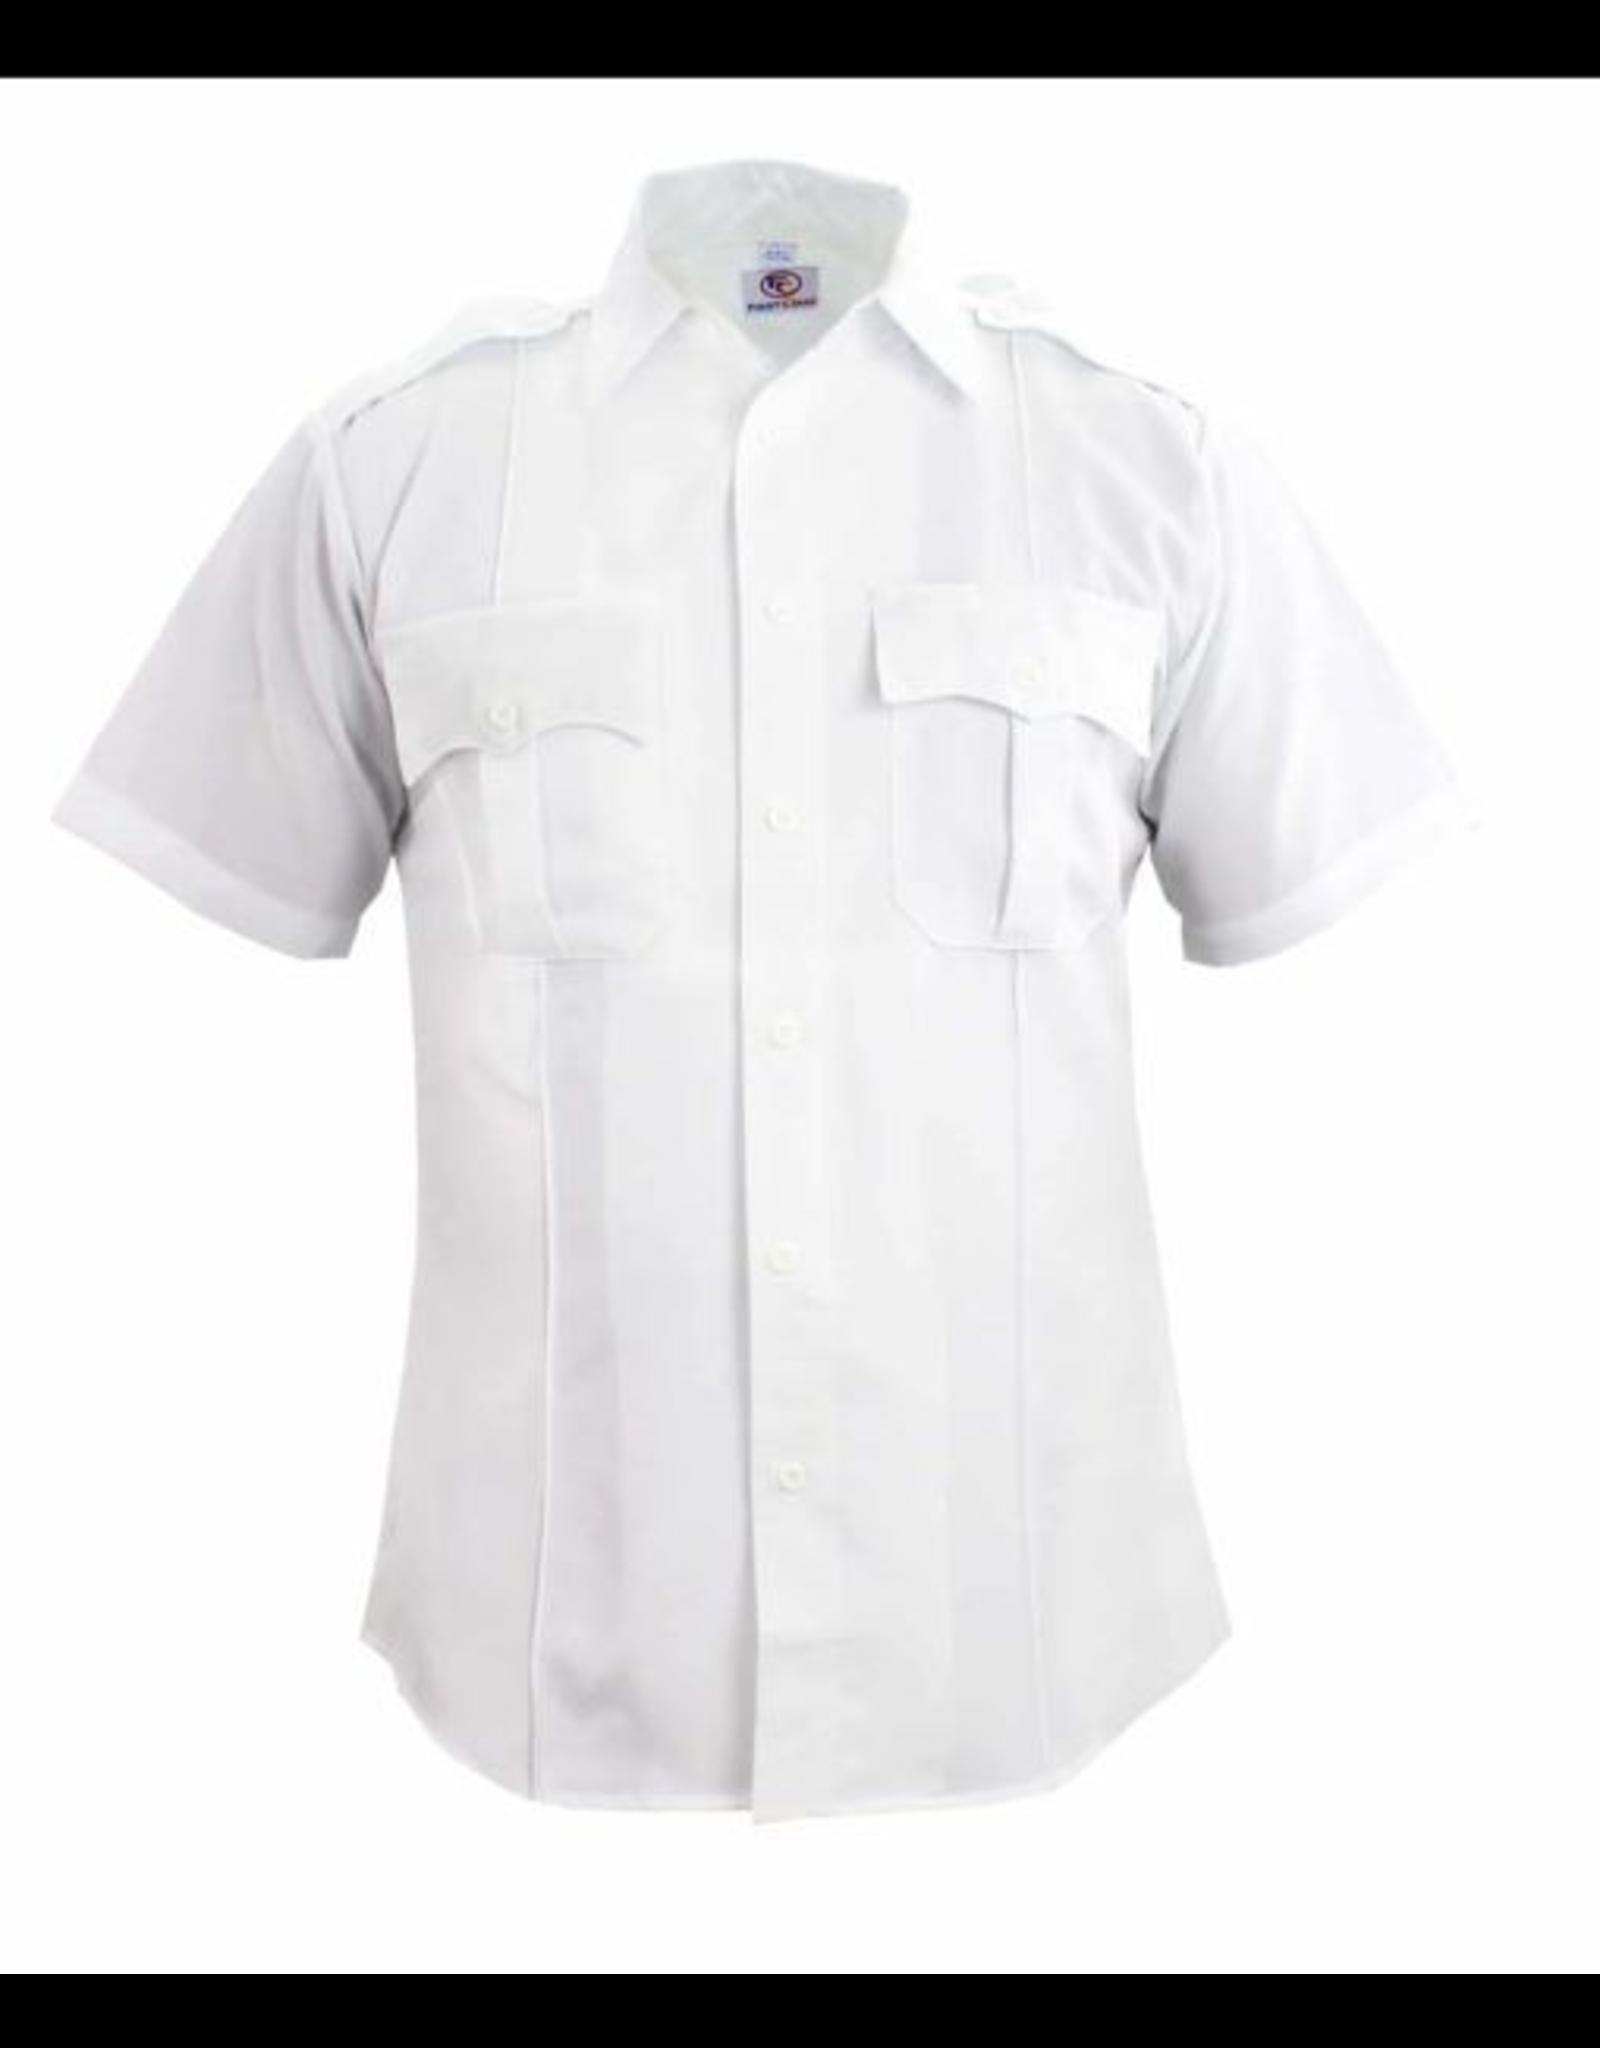 First Class Shirt White XL LS